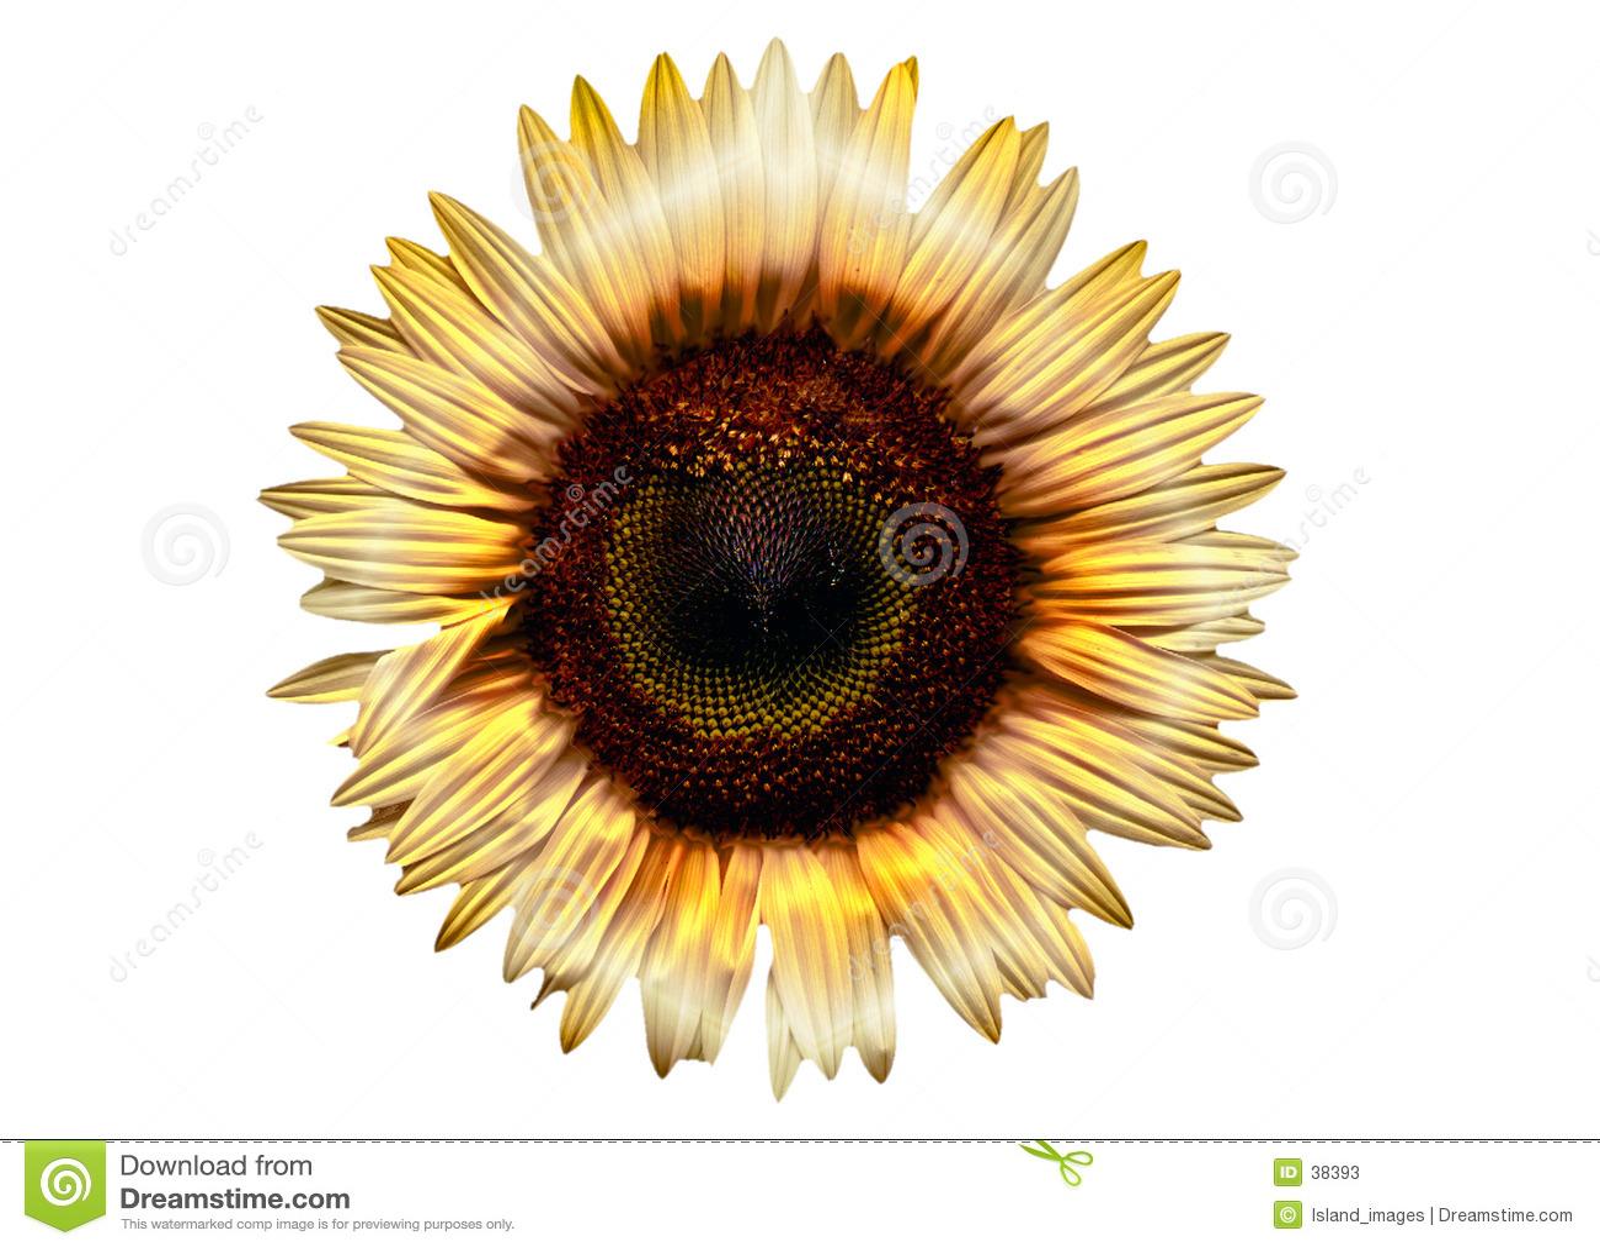 Elektrische Sonnenblume